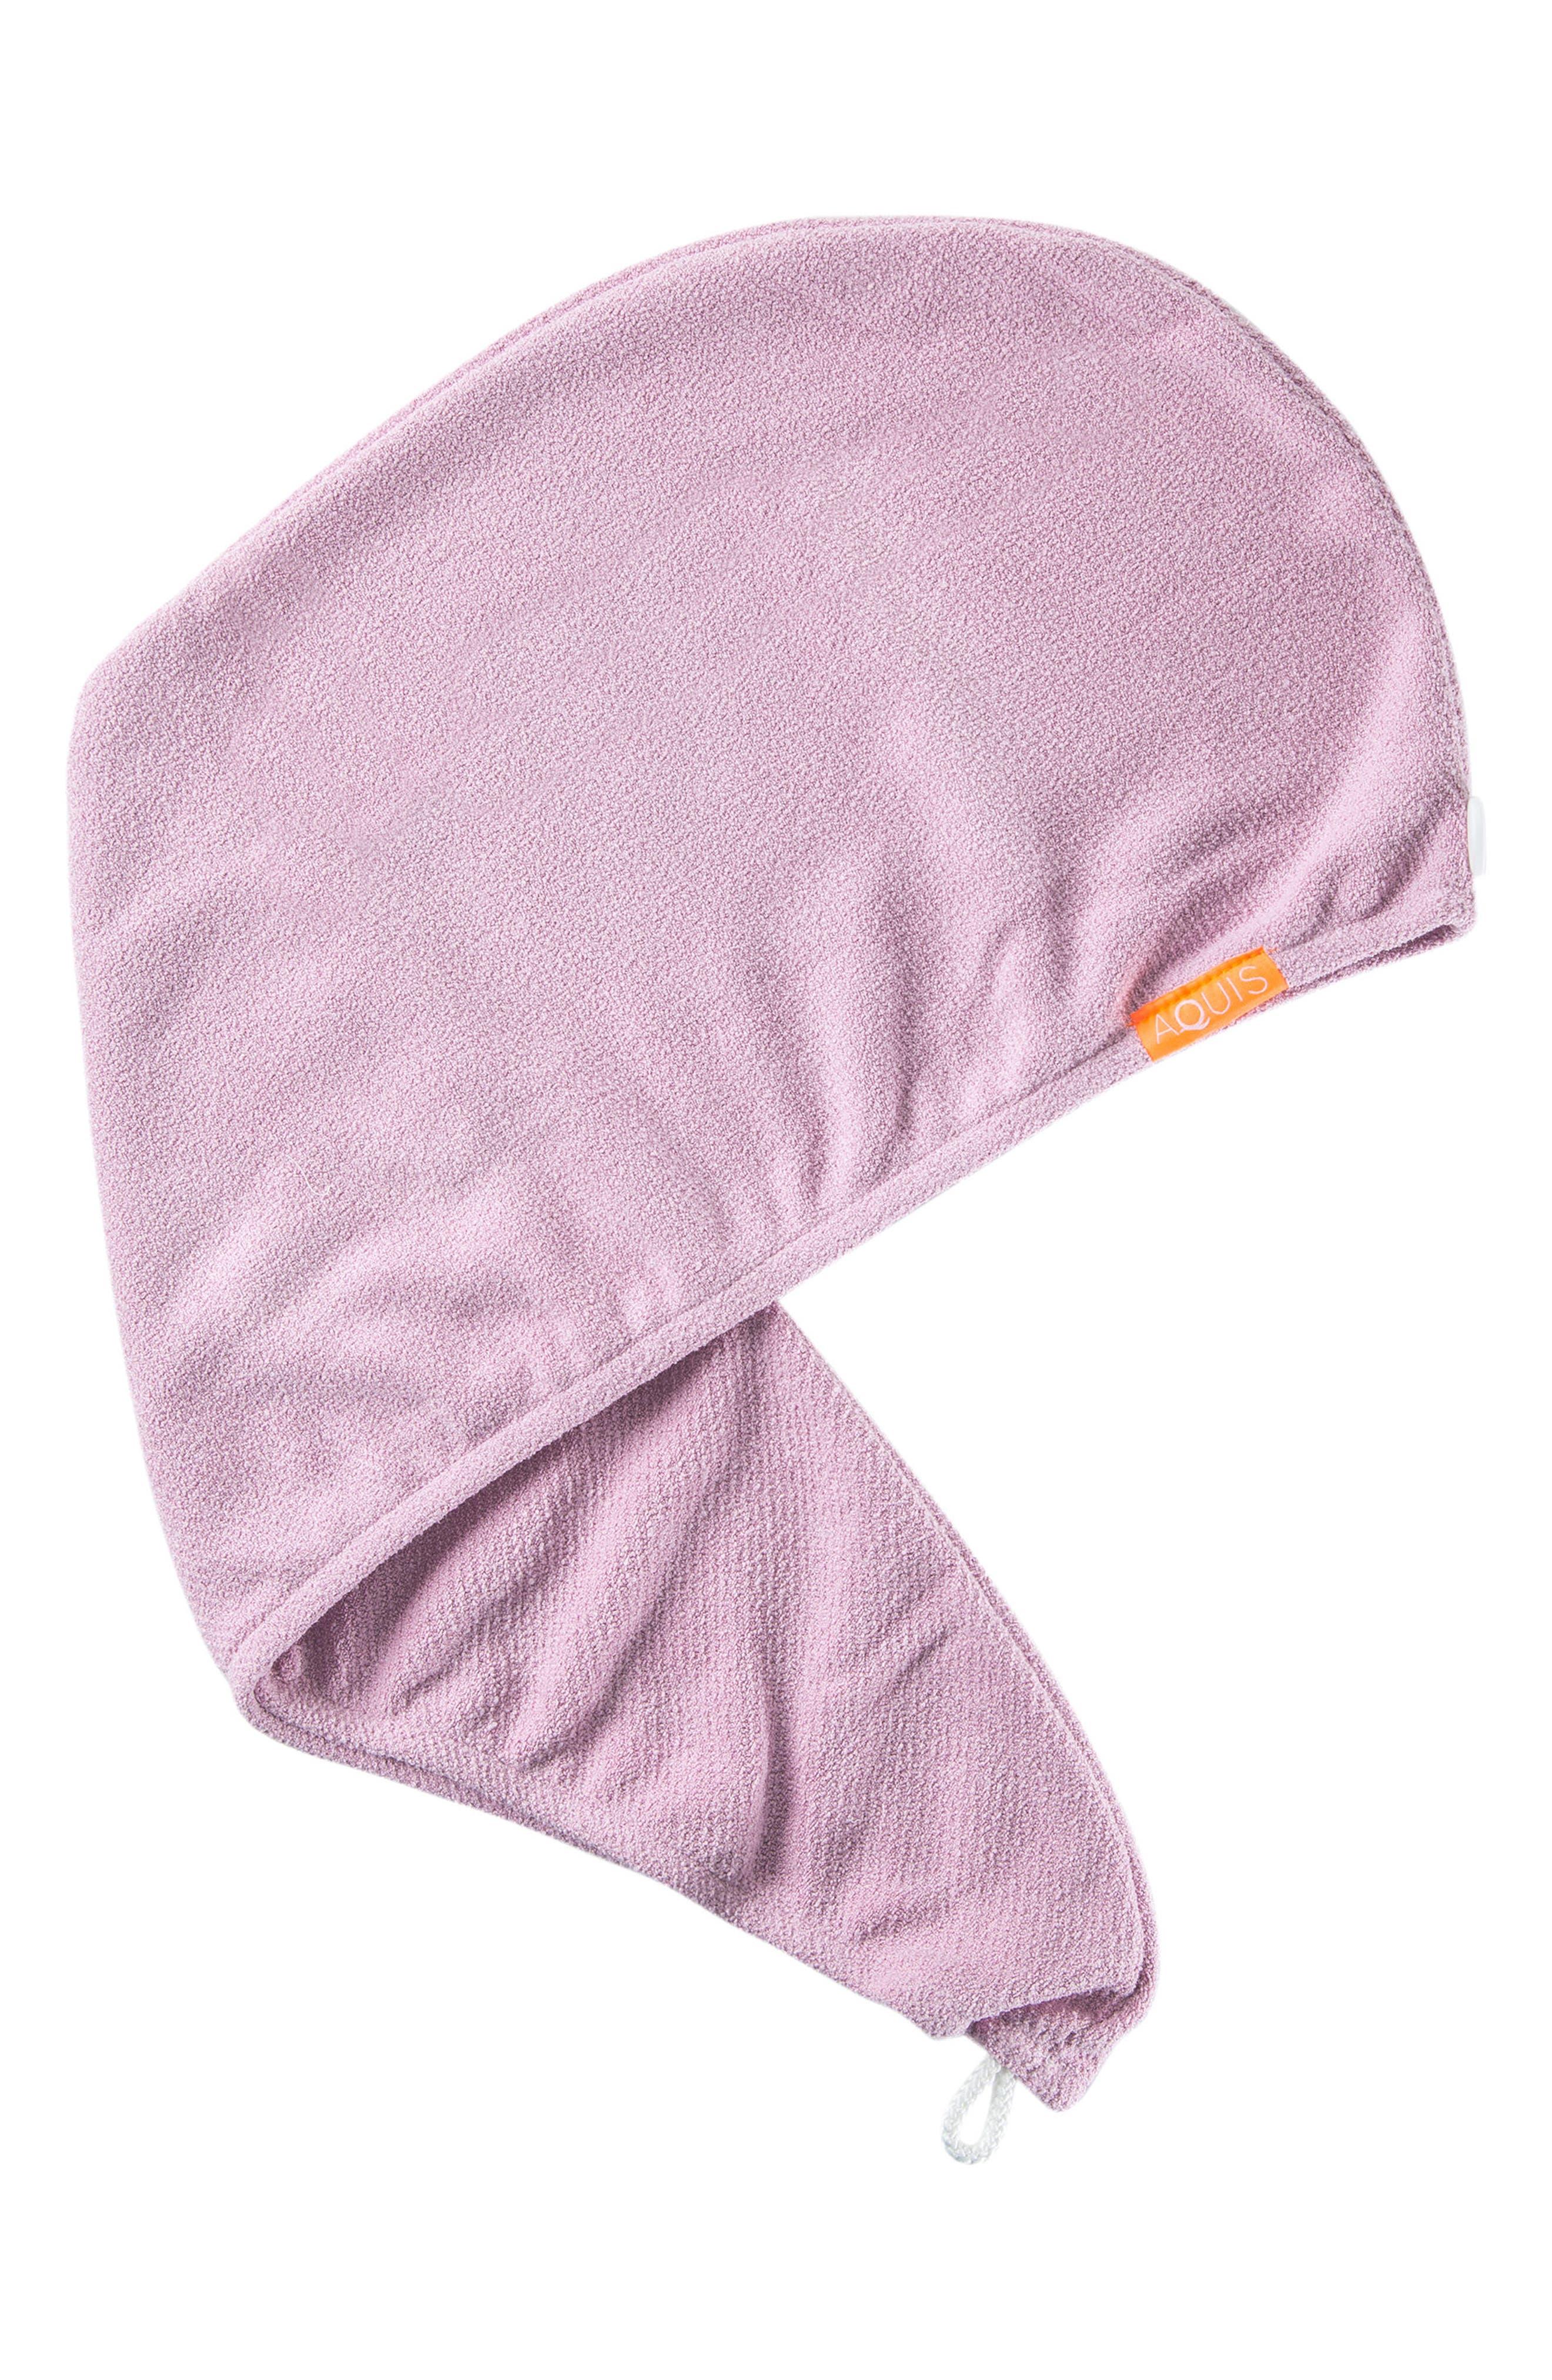 Lisse Luxe Desert Rose Hair Turban,                         Main,                         color, DESERT ROSE